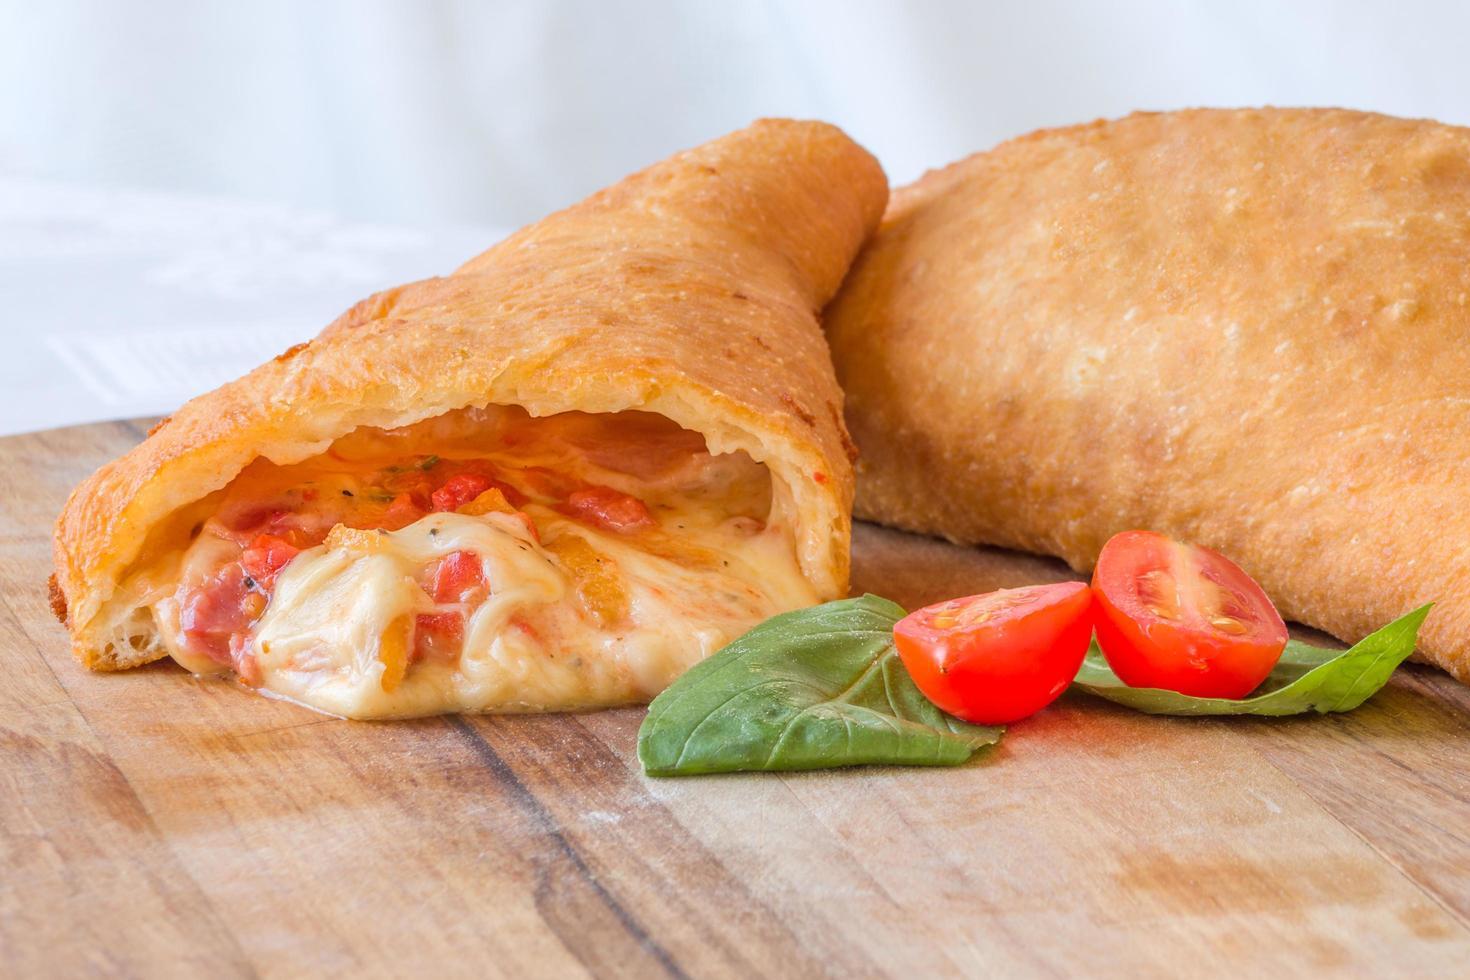 gros plan, tomate, mozzarella, panzerotti photo